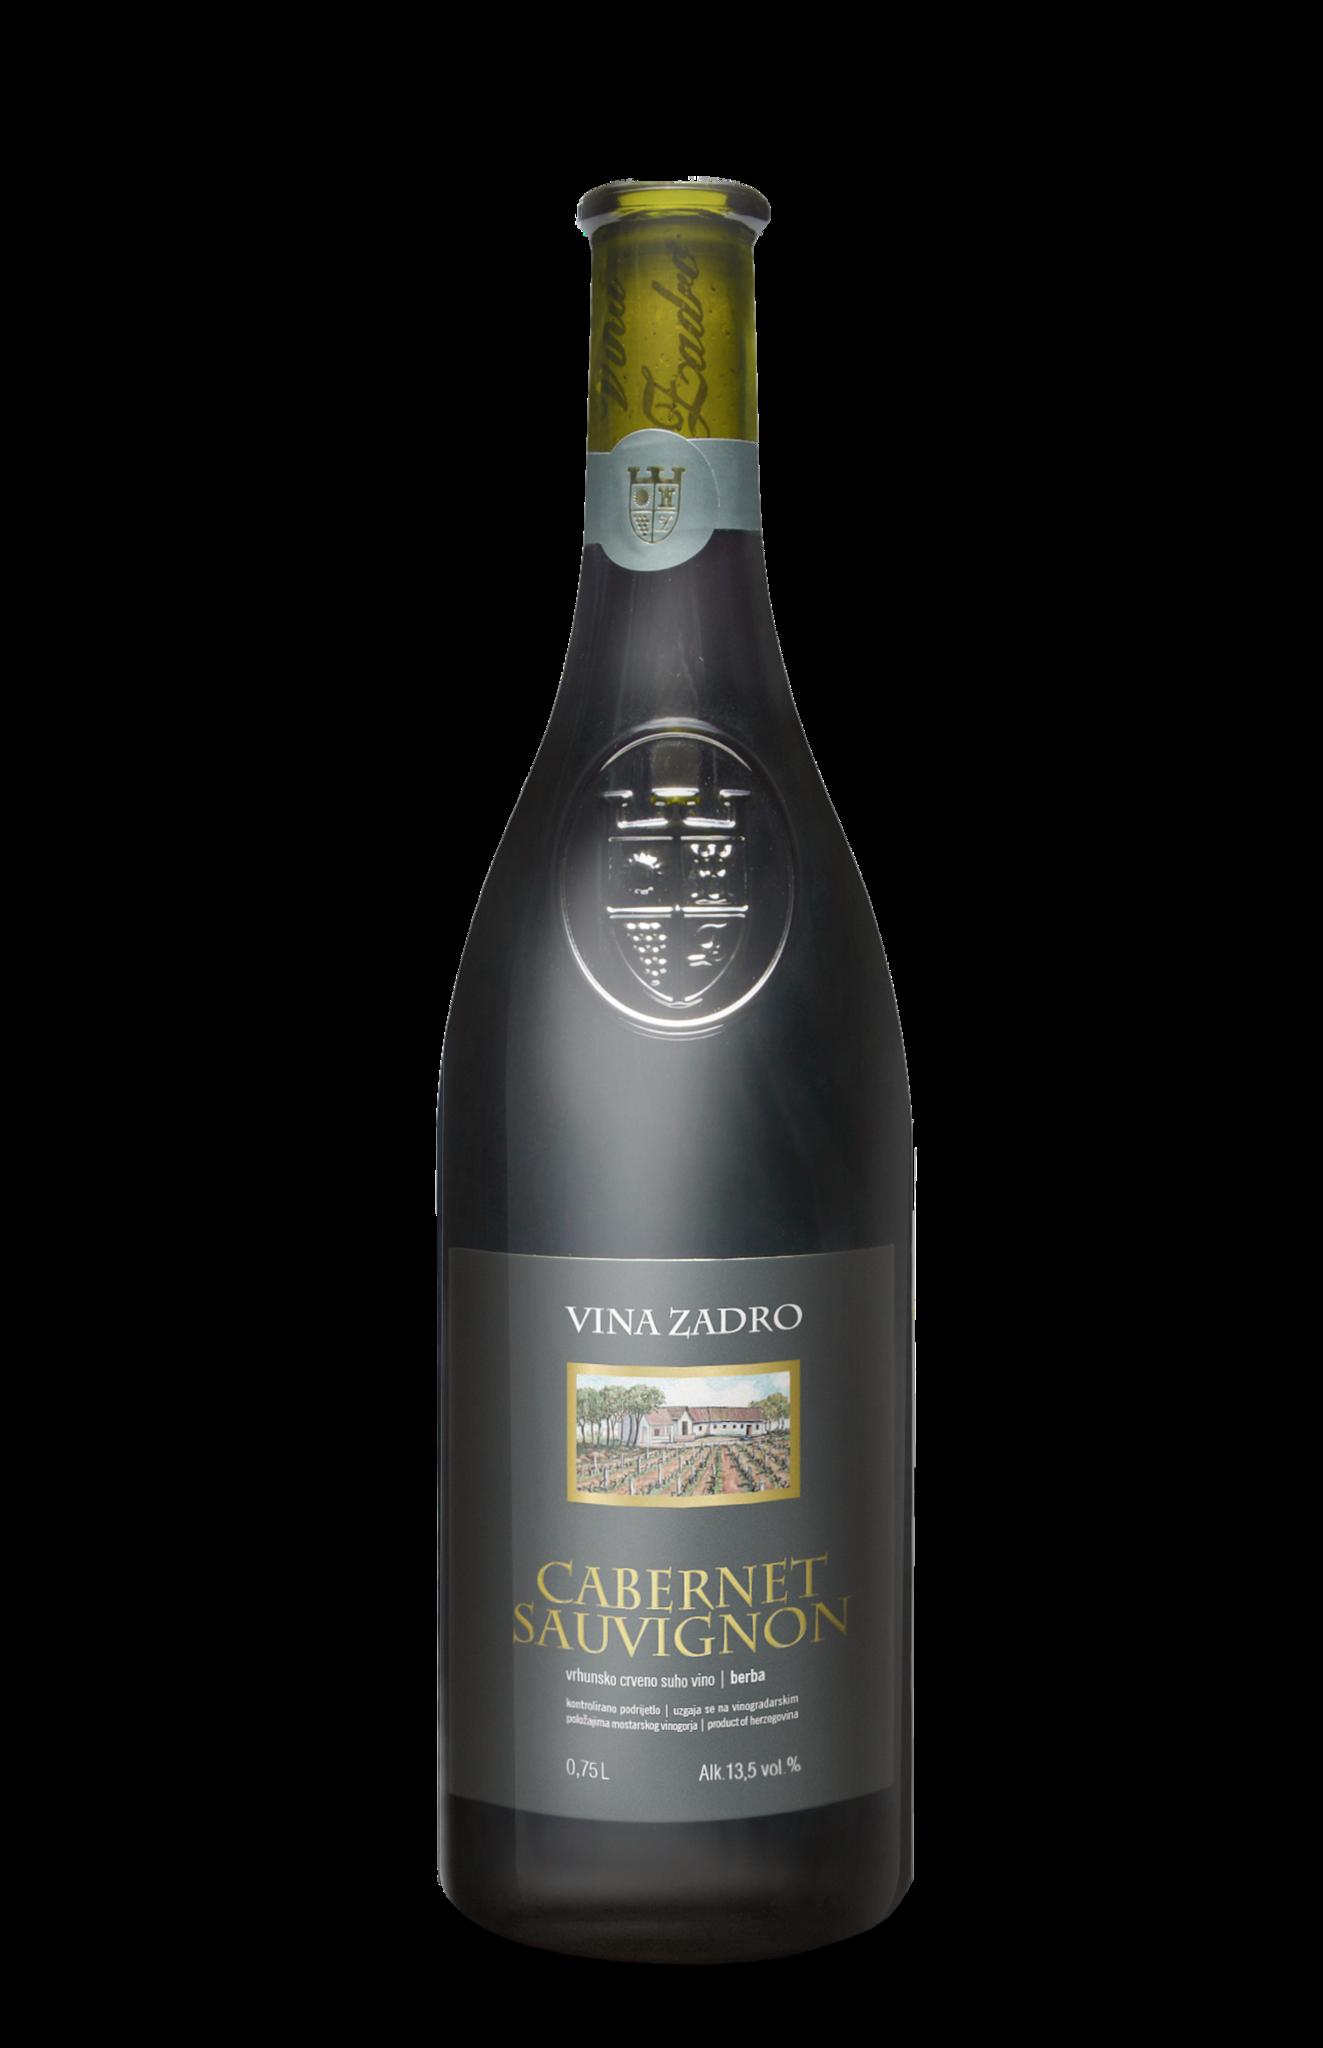 Vina Zadro, Herzegowina 2016 Cabernet Sauvignon vrhunsko vino, Vina Zadro